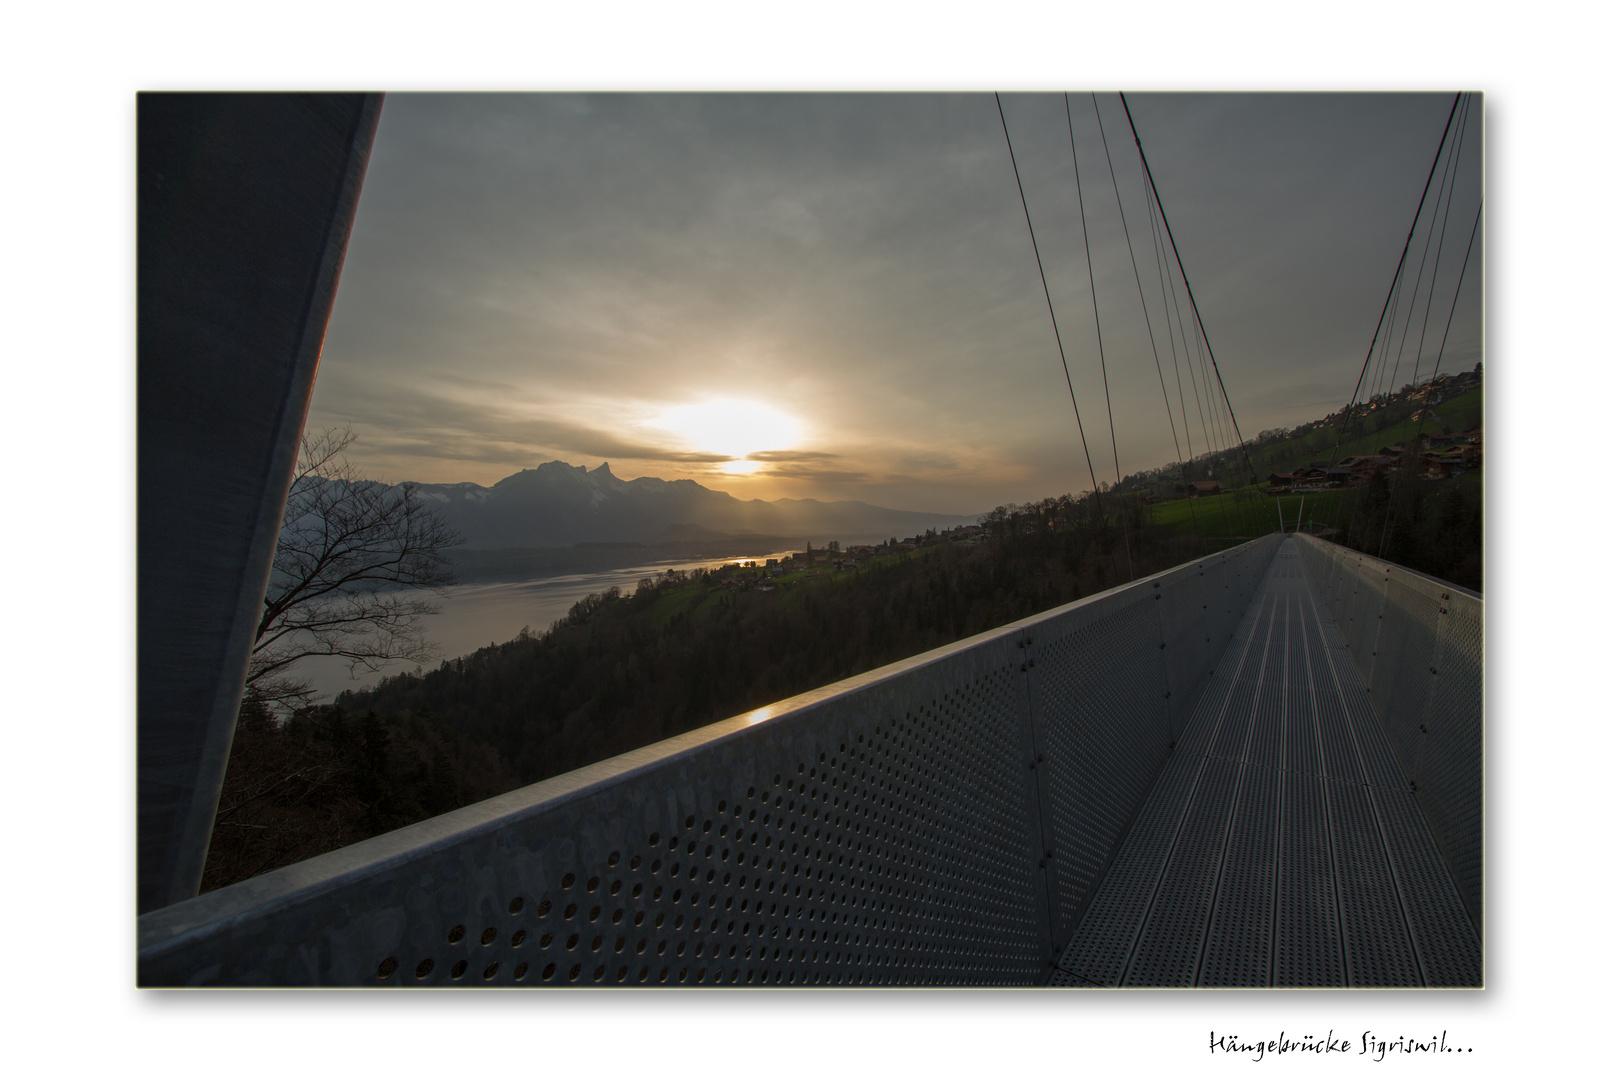 Hängebrücke Sigriswil...